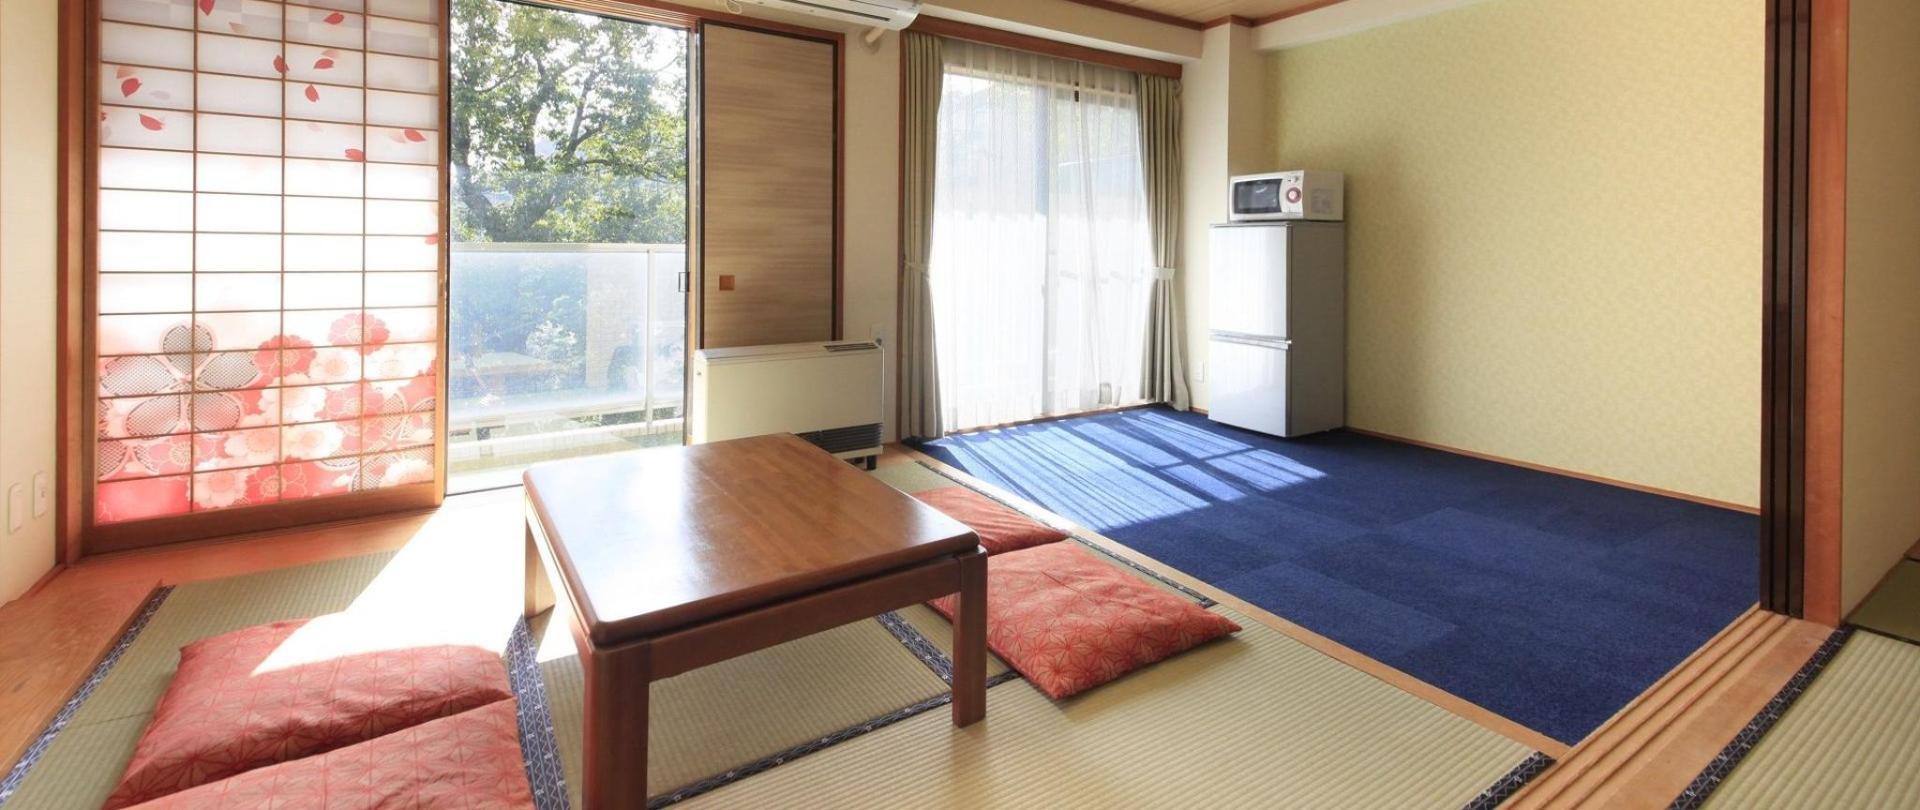 room_i.jpg